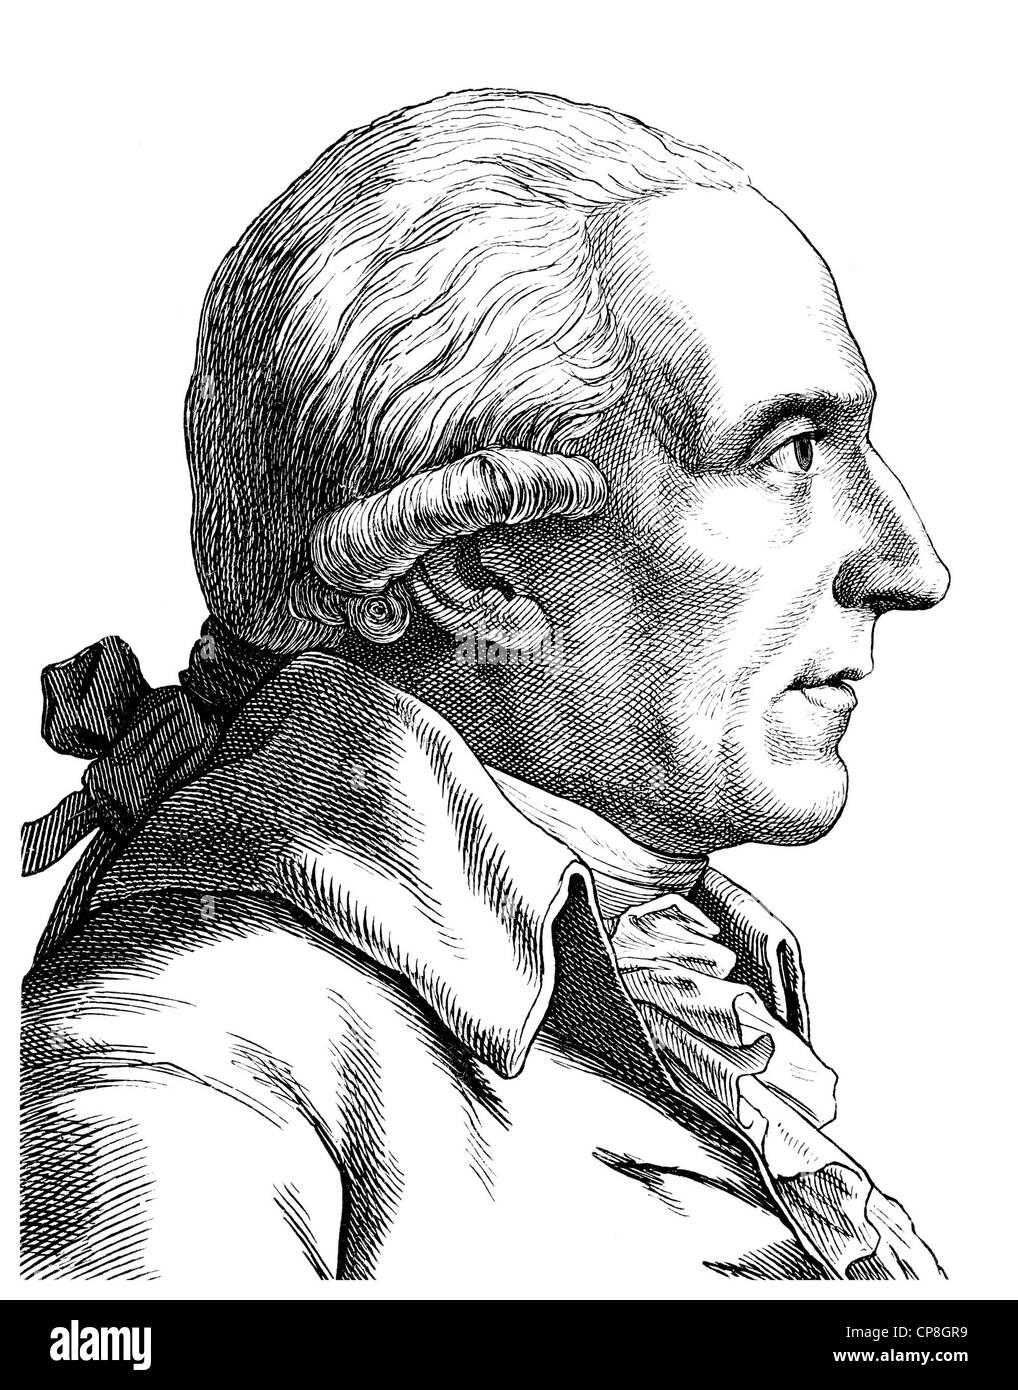 Christian Garve, 1742 - 1798, German philosopher of the late Enlightenment, Historische Zeichnung aus dem 19. Jahrhundert, - Stock Image